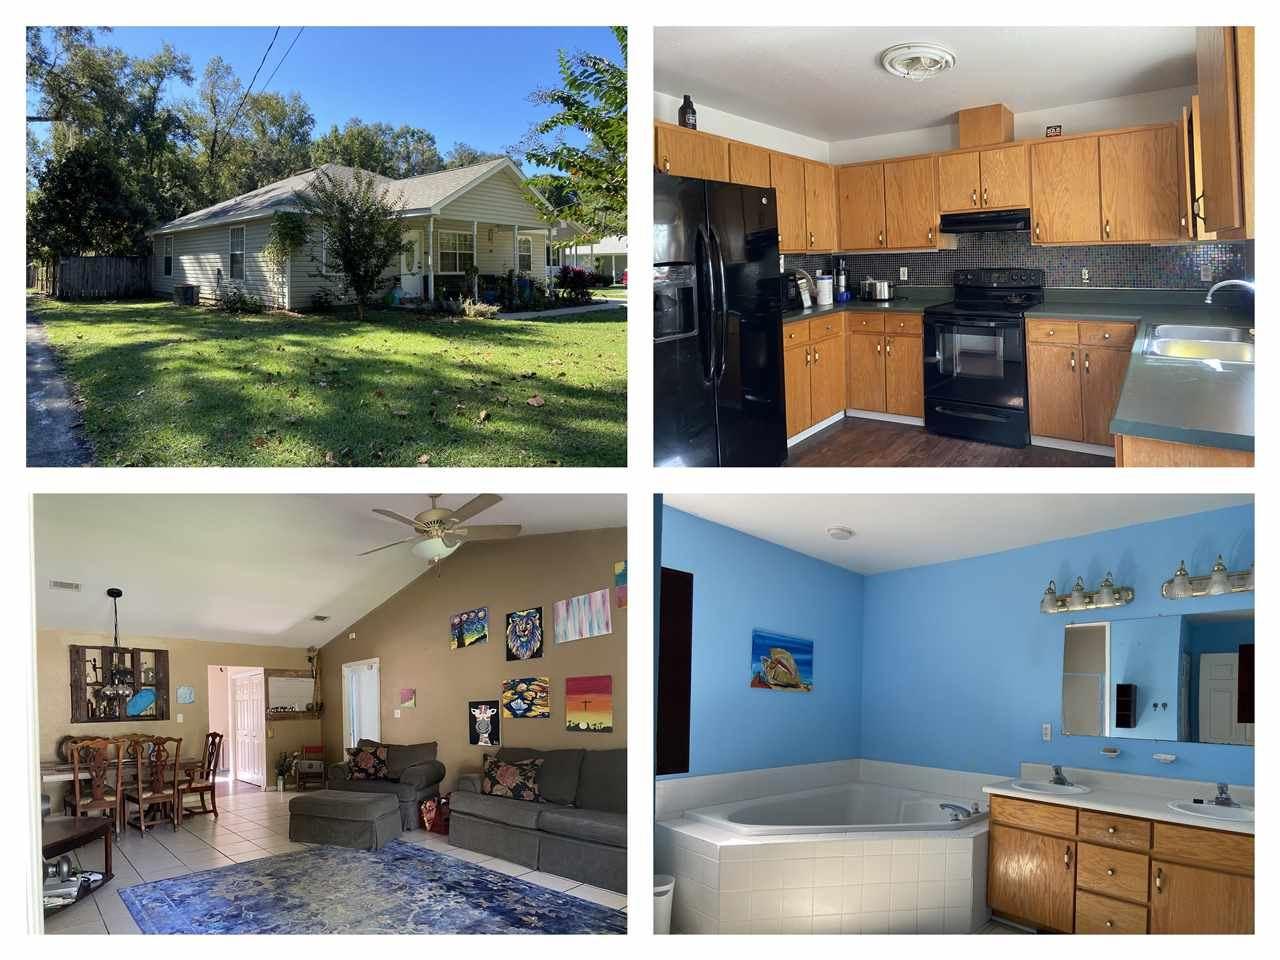 241 Bermuda Road, Tallahassee, FL 32312 - MLS#: 325000